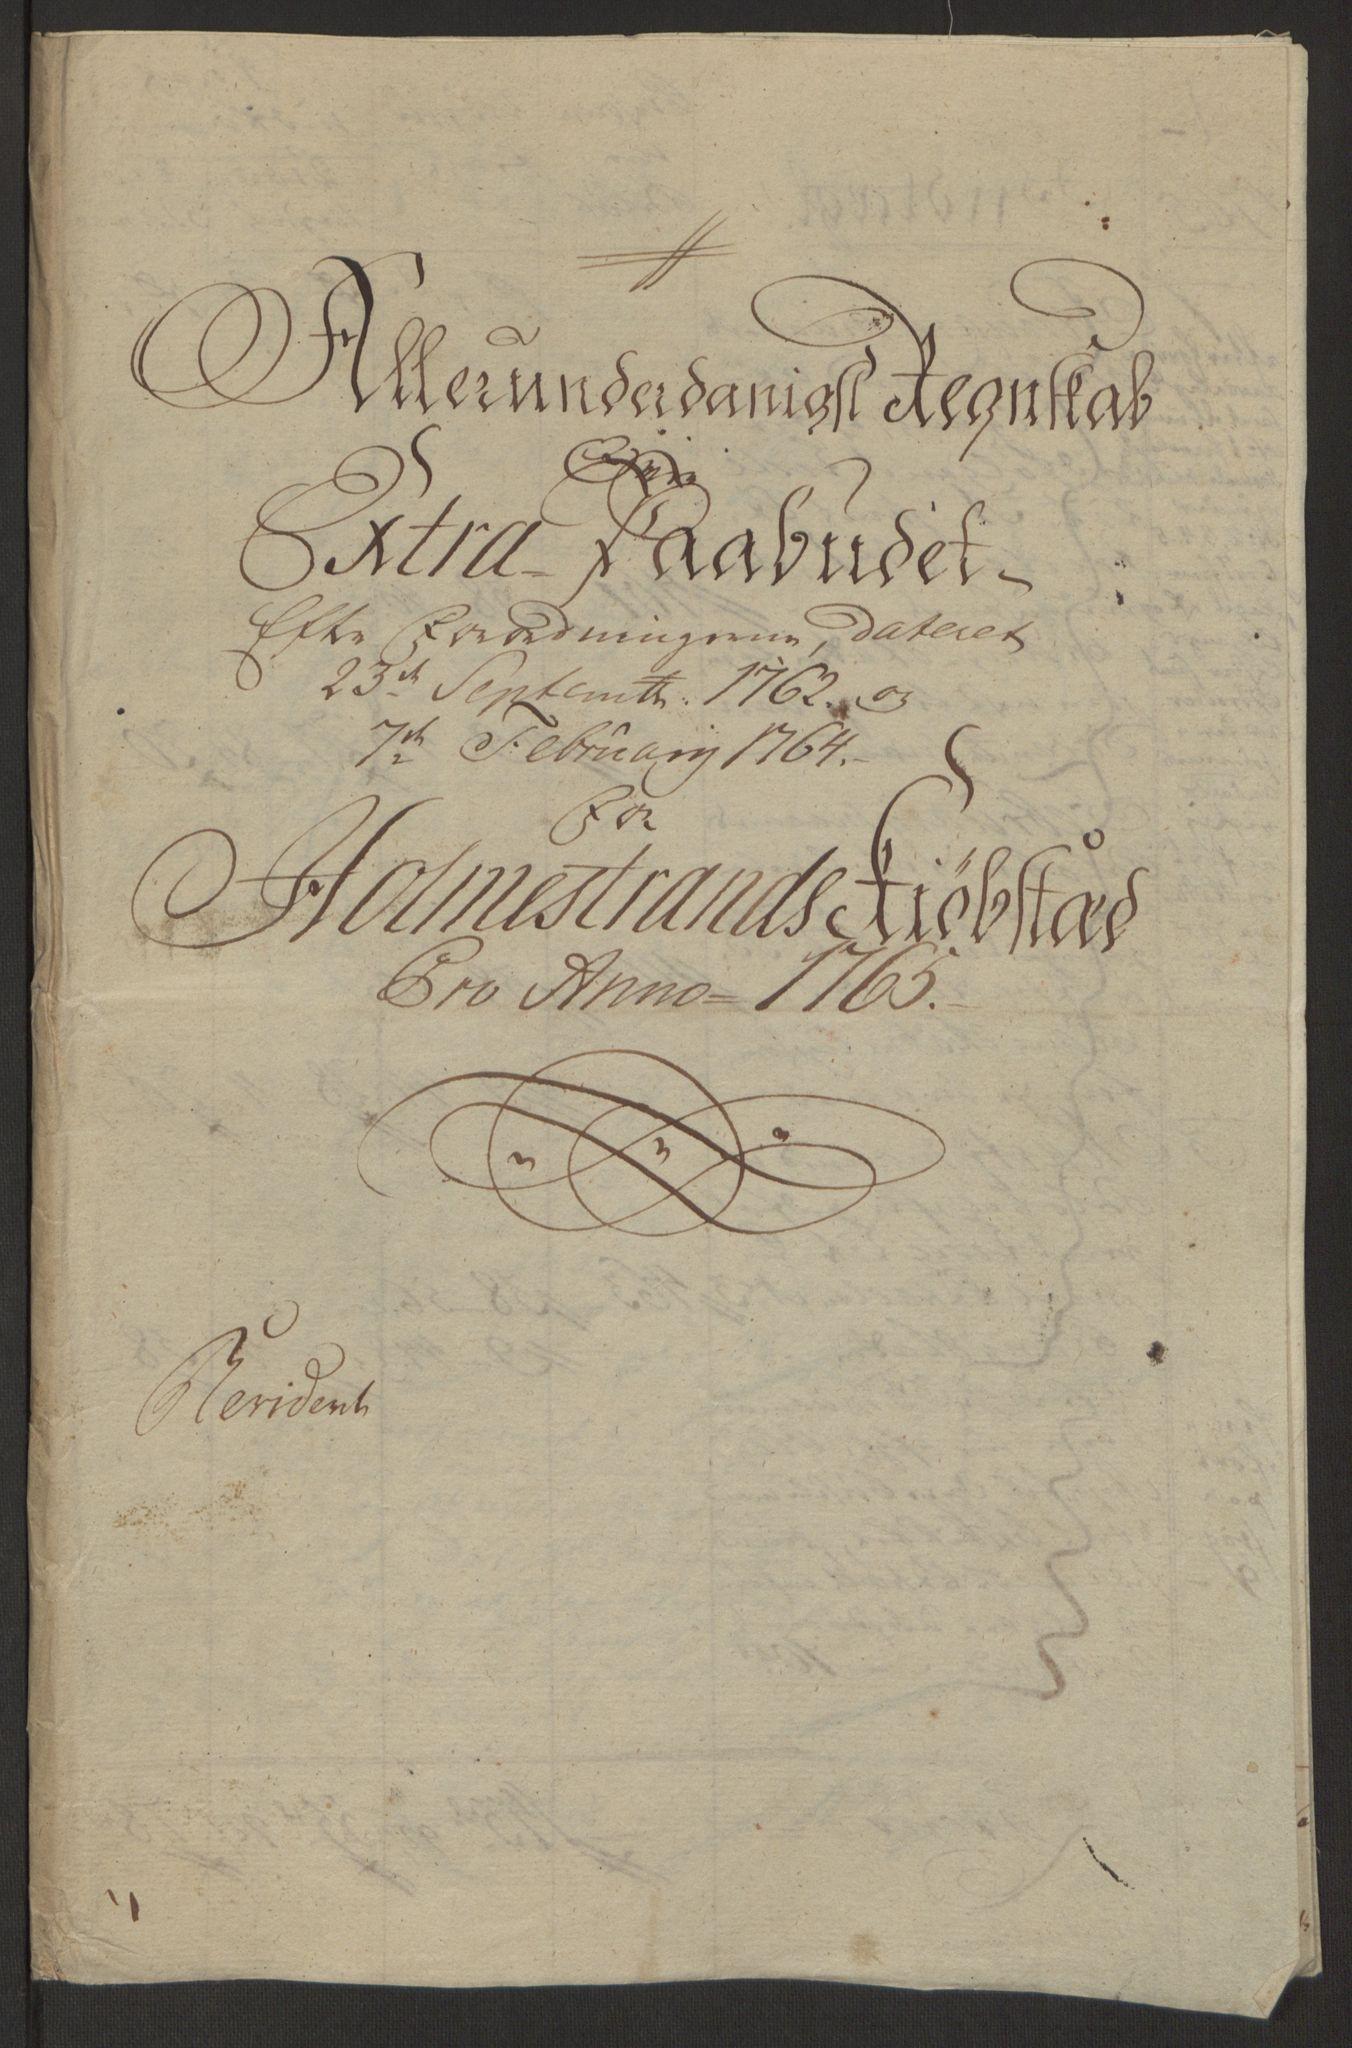 RA, Rentekammeret inntil 1814, Reviderte regnskaper, Byregnskaper, R/Rh/L0163: [H4] Kontribusjonsregnskap, 1762-1772, s. 181